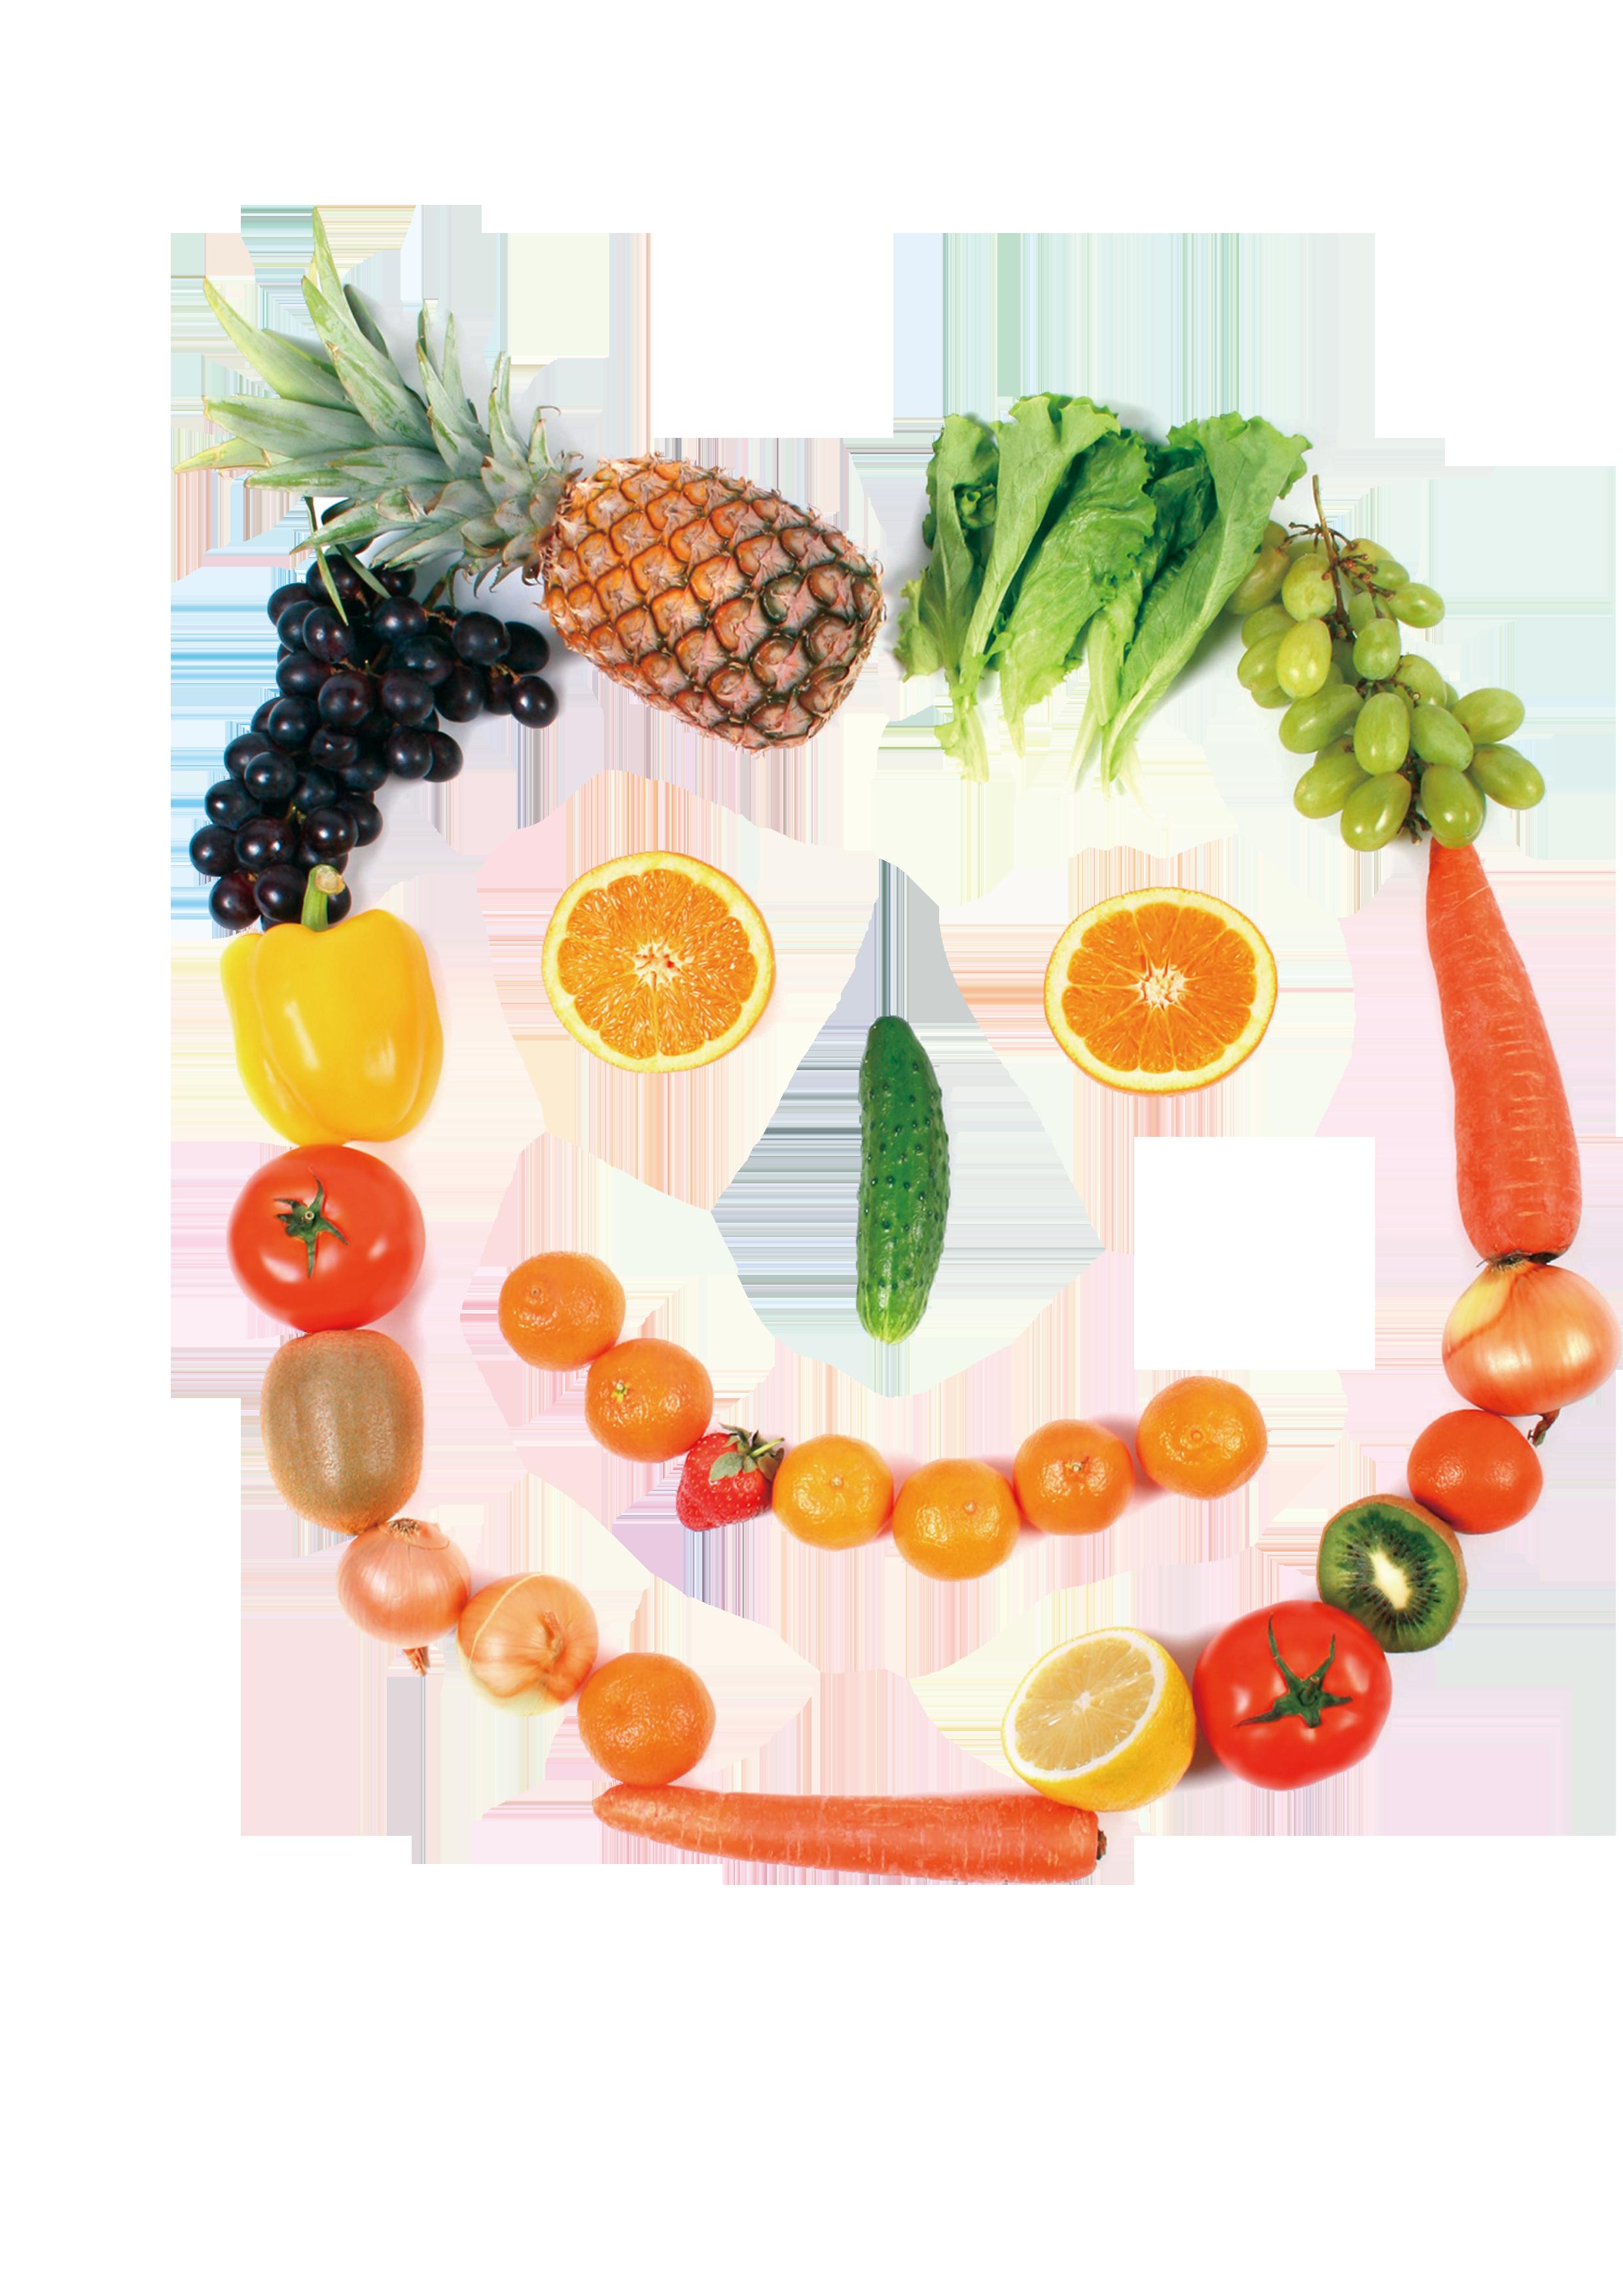 Clipart restaurant cafeteria building. Fruit vegetable clip art